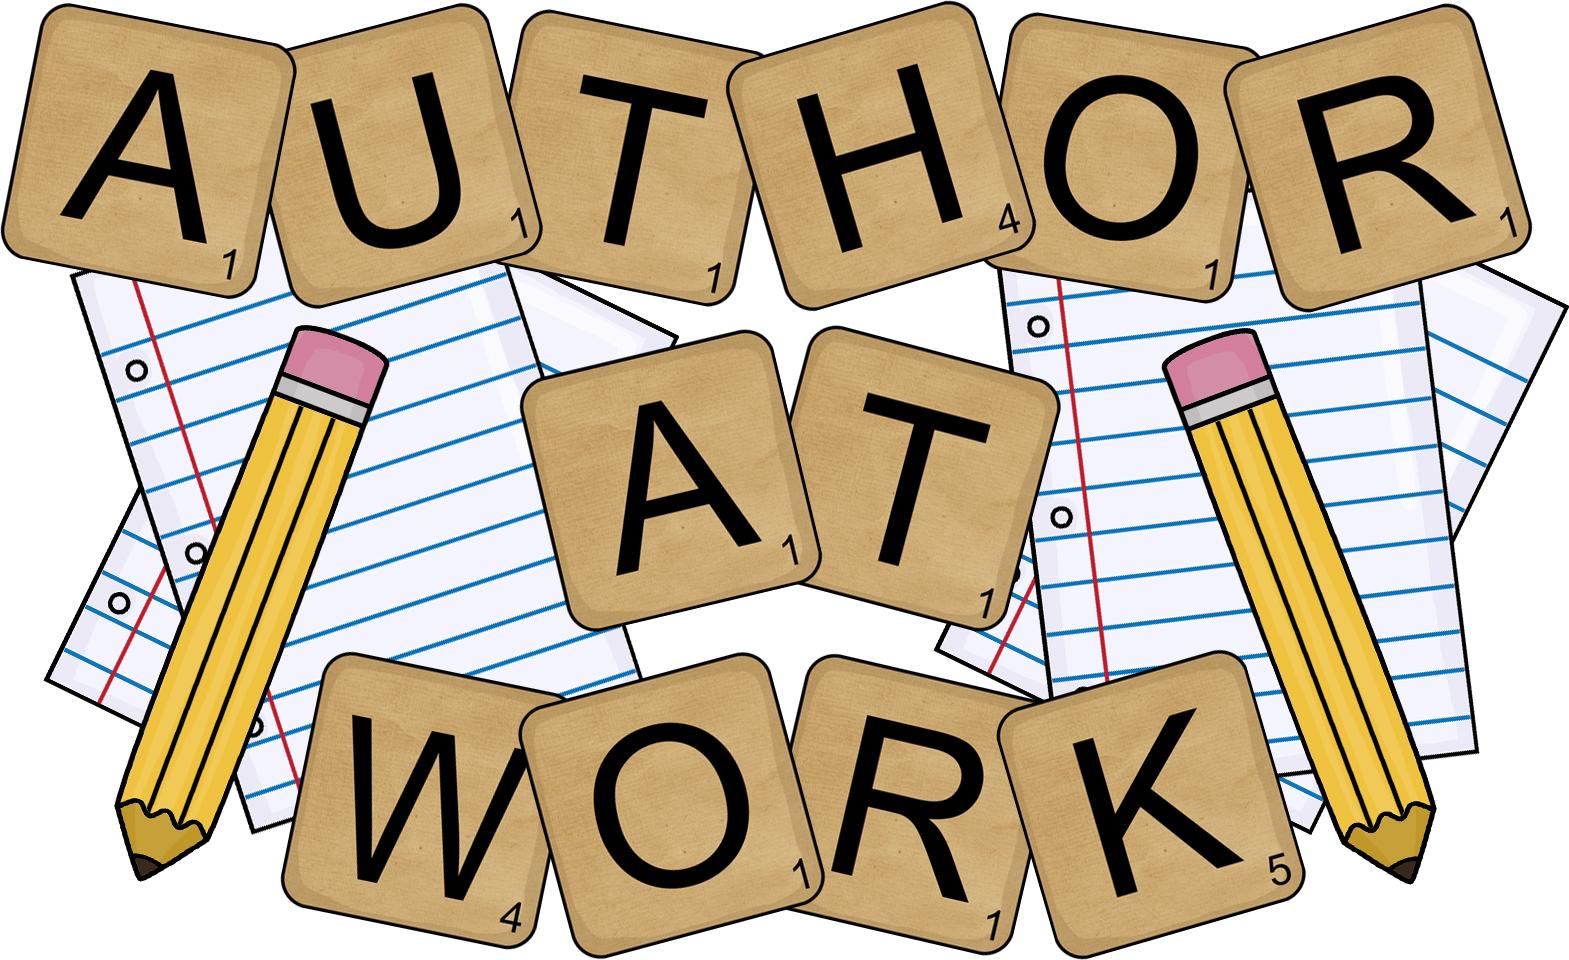 Children writing clipart independent. Children writing clipart independent. Free images of download